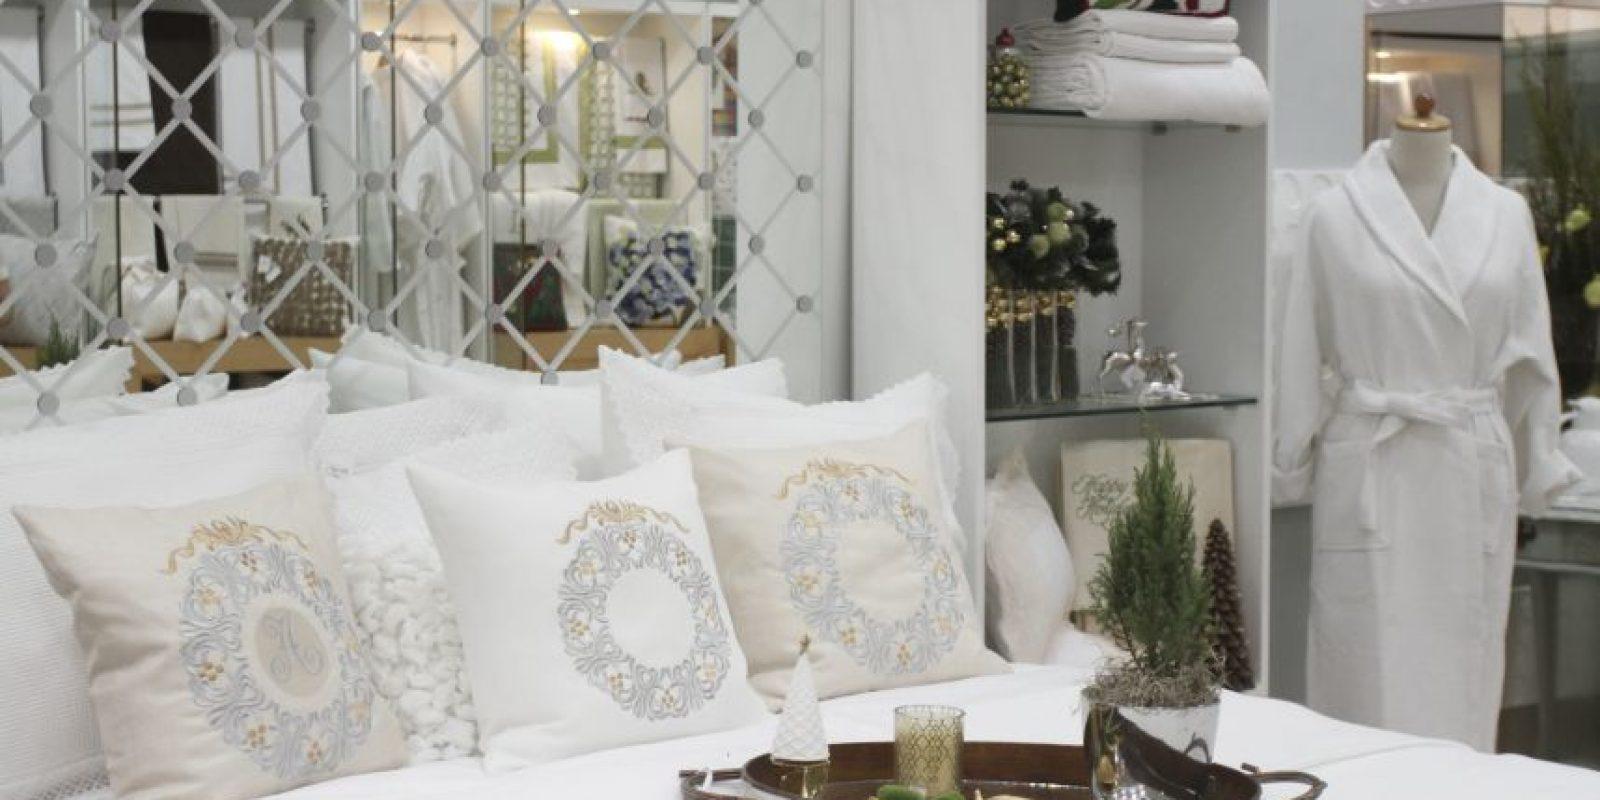 Personalizar la lencería de la habitación hace más especial ese rincón de la casa, como estos artículos disponibles en la tienda Macan Foto:Roberto Guzmán